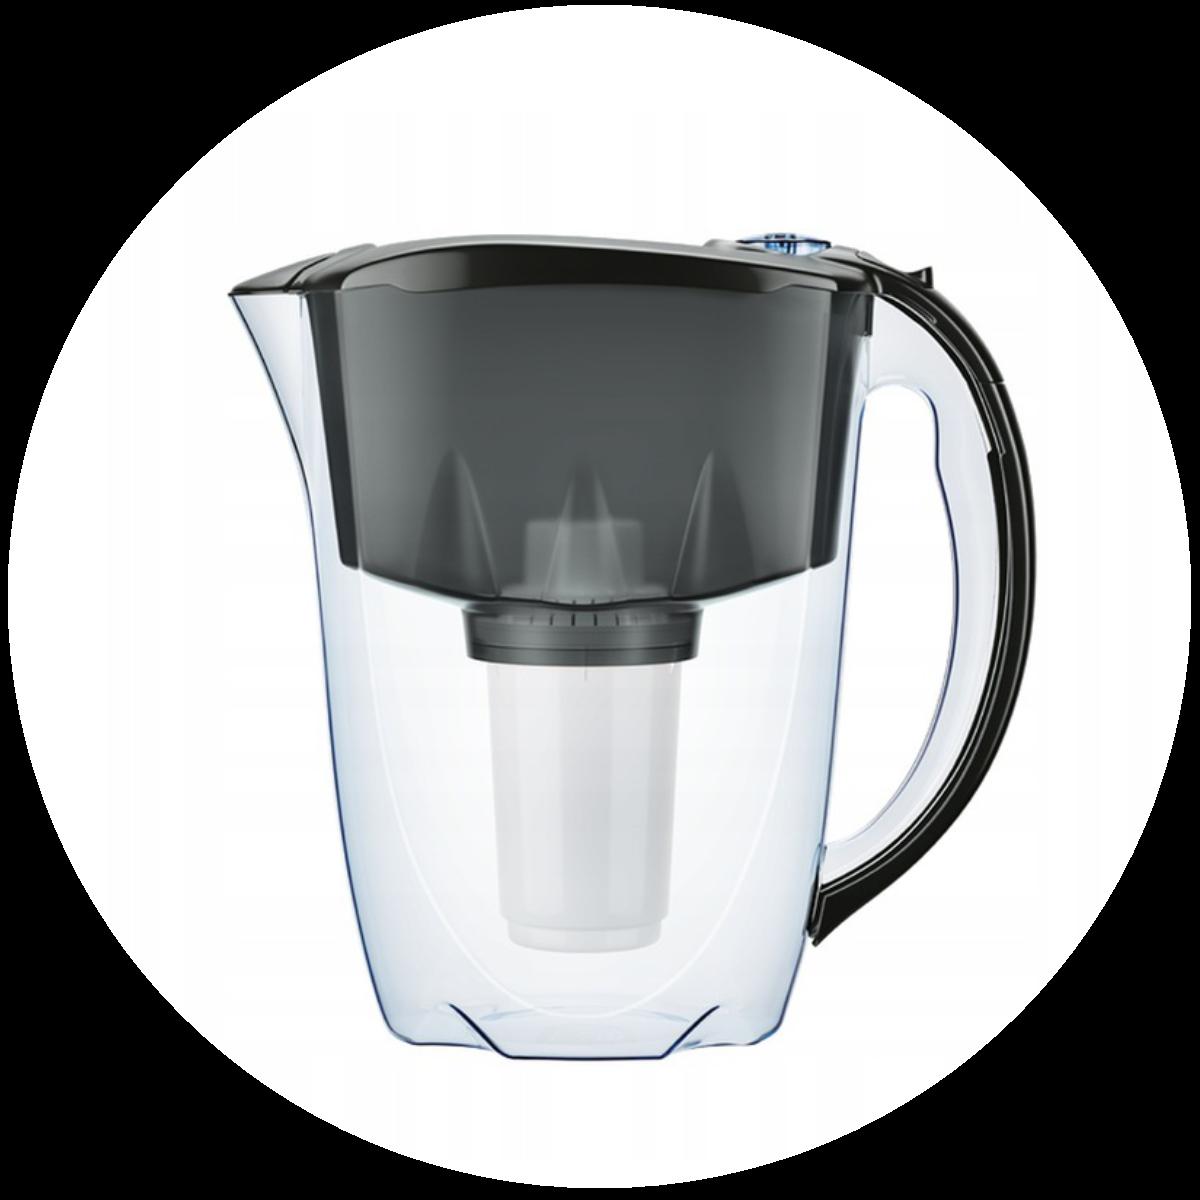 Aquaphor Prestige (czarny) dzbanek filtrujący - konstrukcja